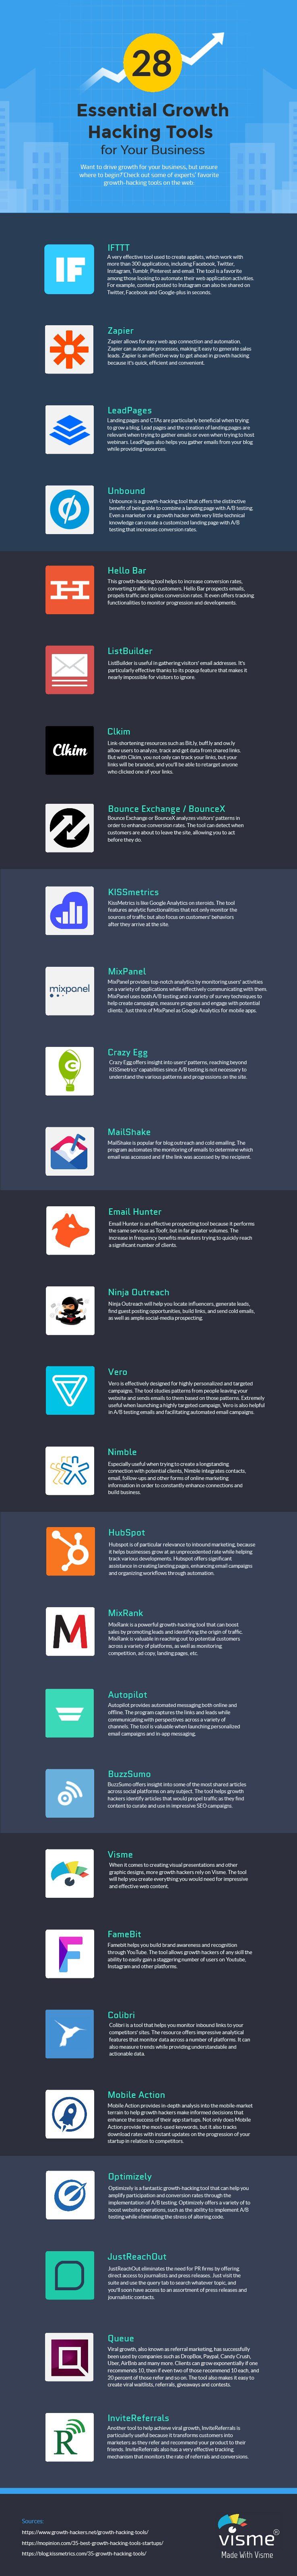 28 herramientas esenciales de Growth Hacking para tu empresa